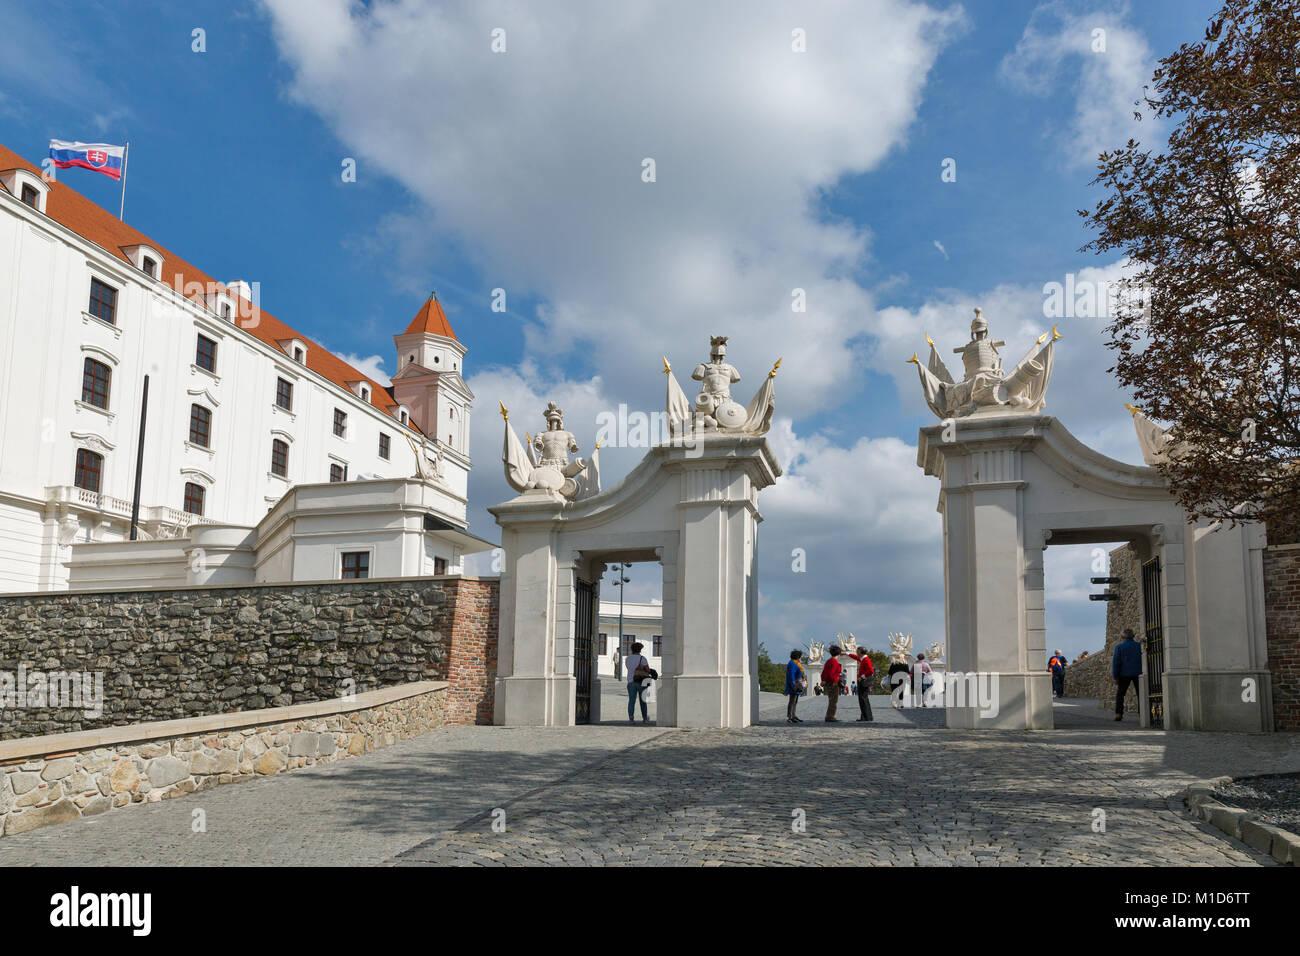 BRATISLAVA, Eslovaquia - Septiembre 25, 2017: los turistas visitan no reconocidos en la puerta delantera del castillo medieval sobre la colina cercana al edificio del Parlamento. Foto de stock